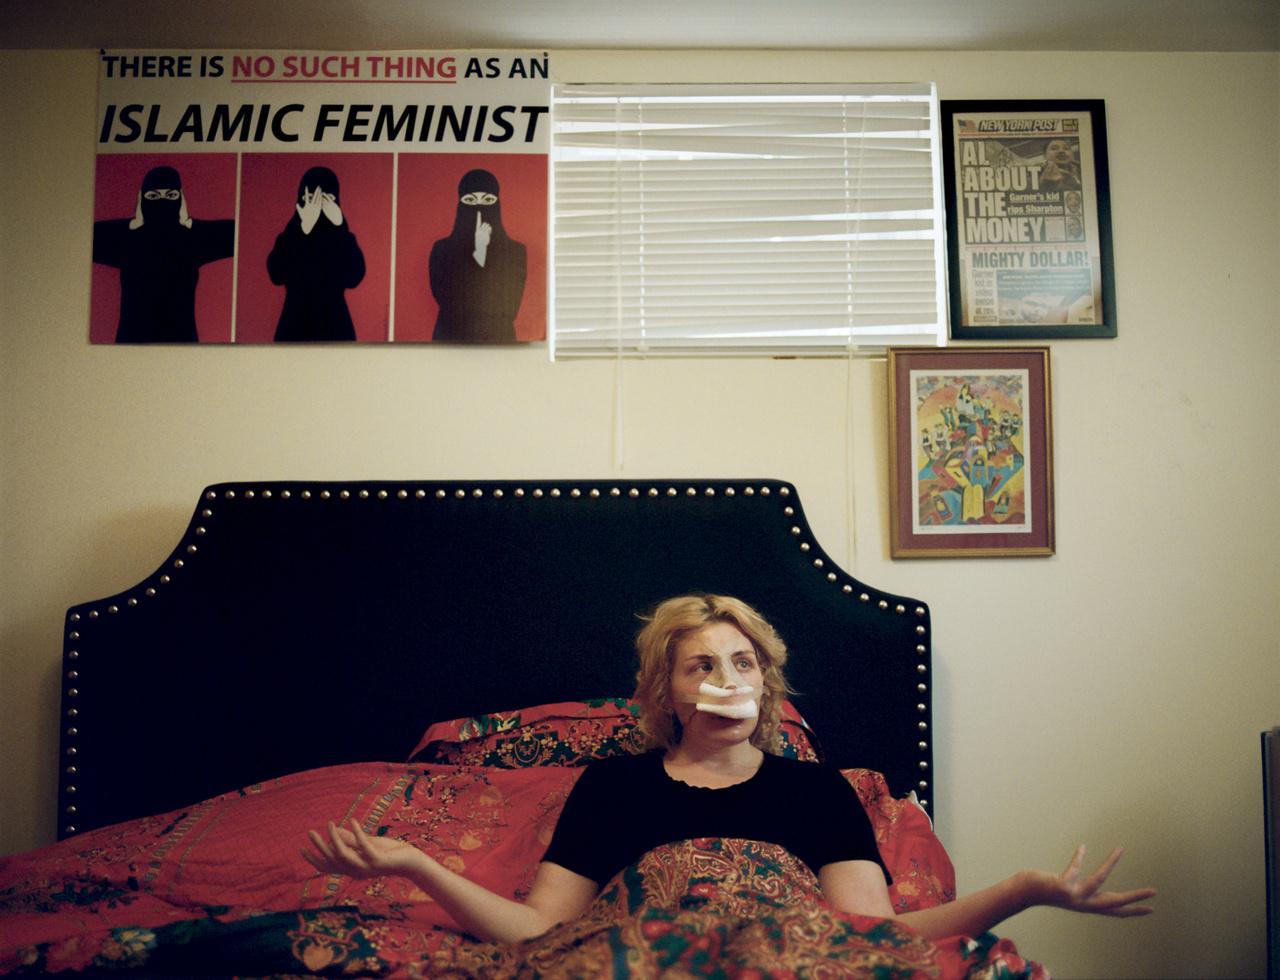 """Laura Loomer egy zsidó származású iszlámellenes aktivista. És hogy mi az a kötés az orrán? Nem, nem egy muszlim migráns verte be, hanem ő operáltatta kevésbé """"zsidóssá"""", miután David Duke és ismert neonácik gázkamrás posztokban kezdék el gúnyolni. Egyébként az antiszmeitizmus óriási skizofréniát okoz a fehér fajvédők táborában. Ugyanis Trump markánsan filomszmeita és Izrael-párti, de közben simán hajlandó kikacsintós antiszemita utalásokkal operálni, ha olyan liberálisokat kell támadni, mint Soros György."""